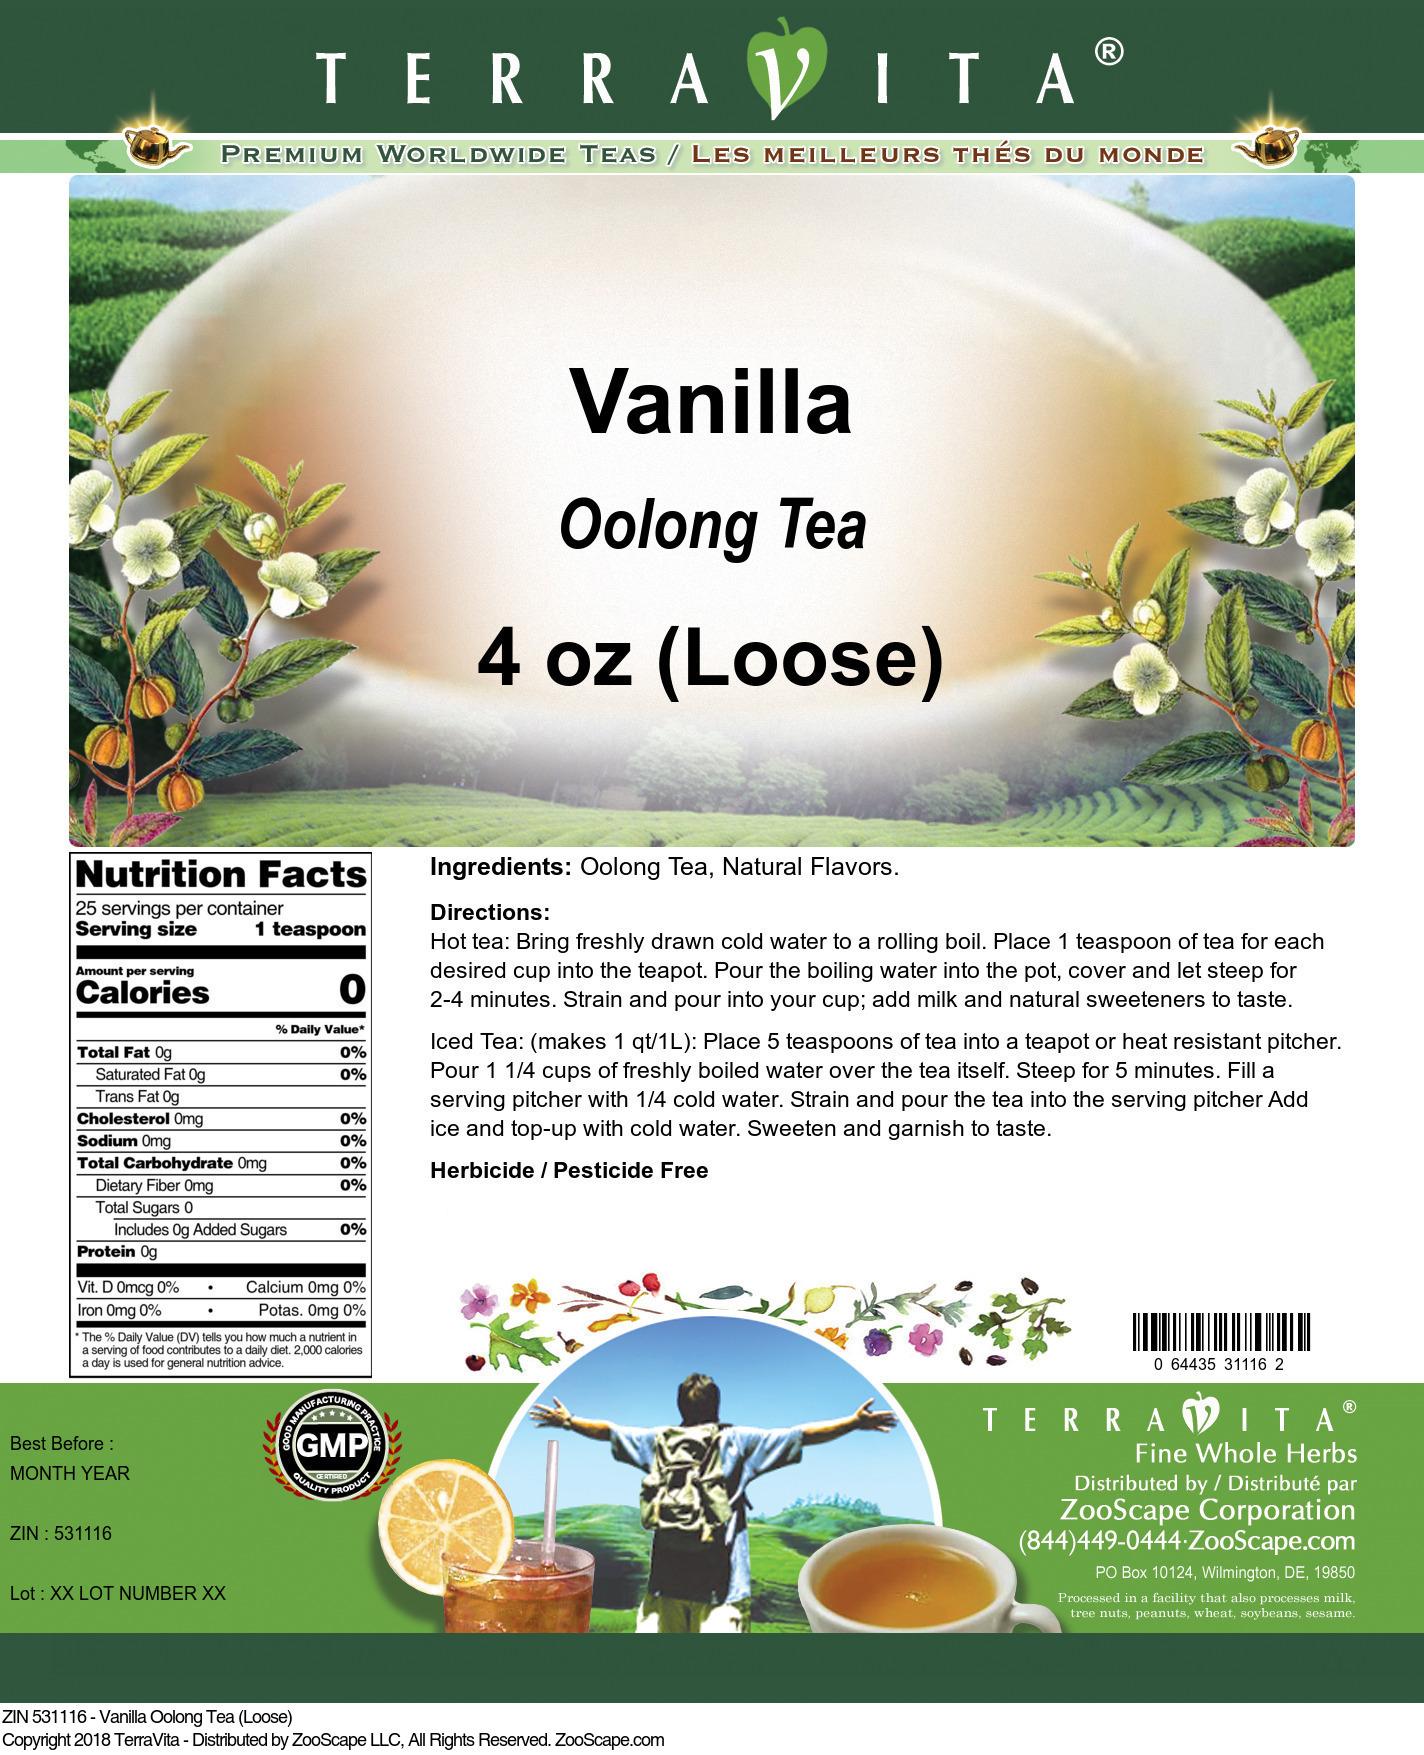 Vanilla Oolong Tea (Loose)